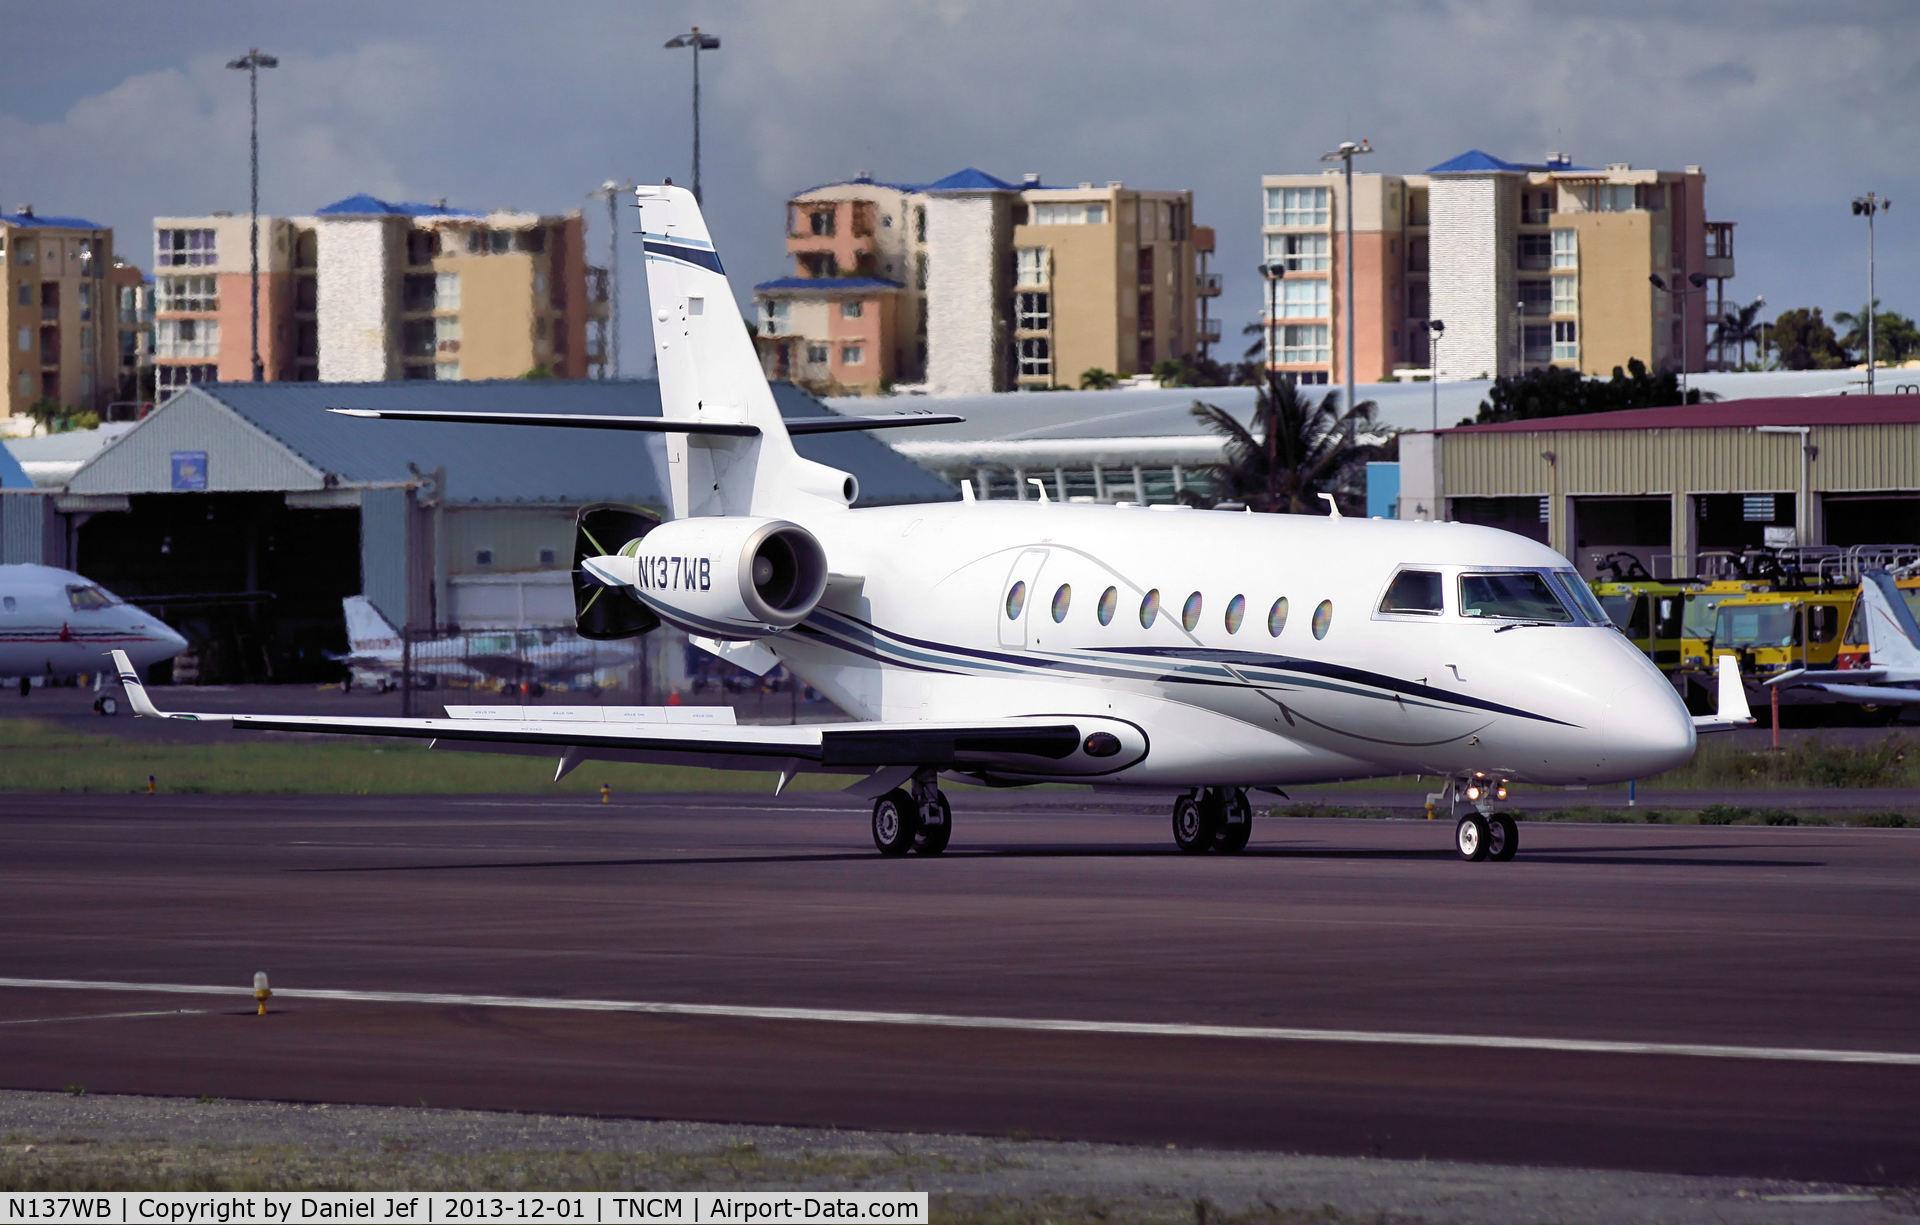 N137WB, 2006 Israel Aircraft Industries Gulfstream 200 C/N 137, N137WB